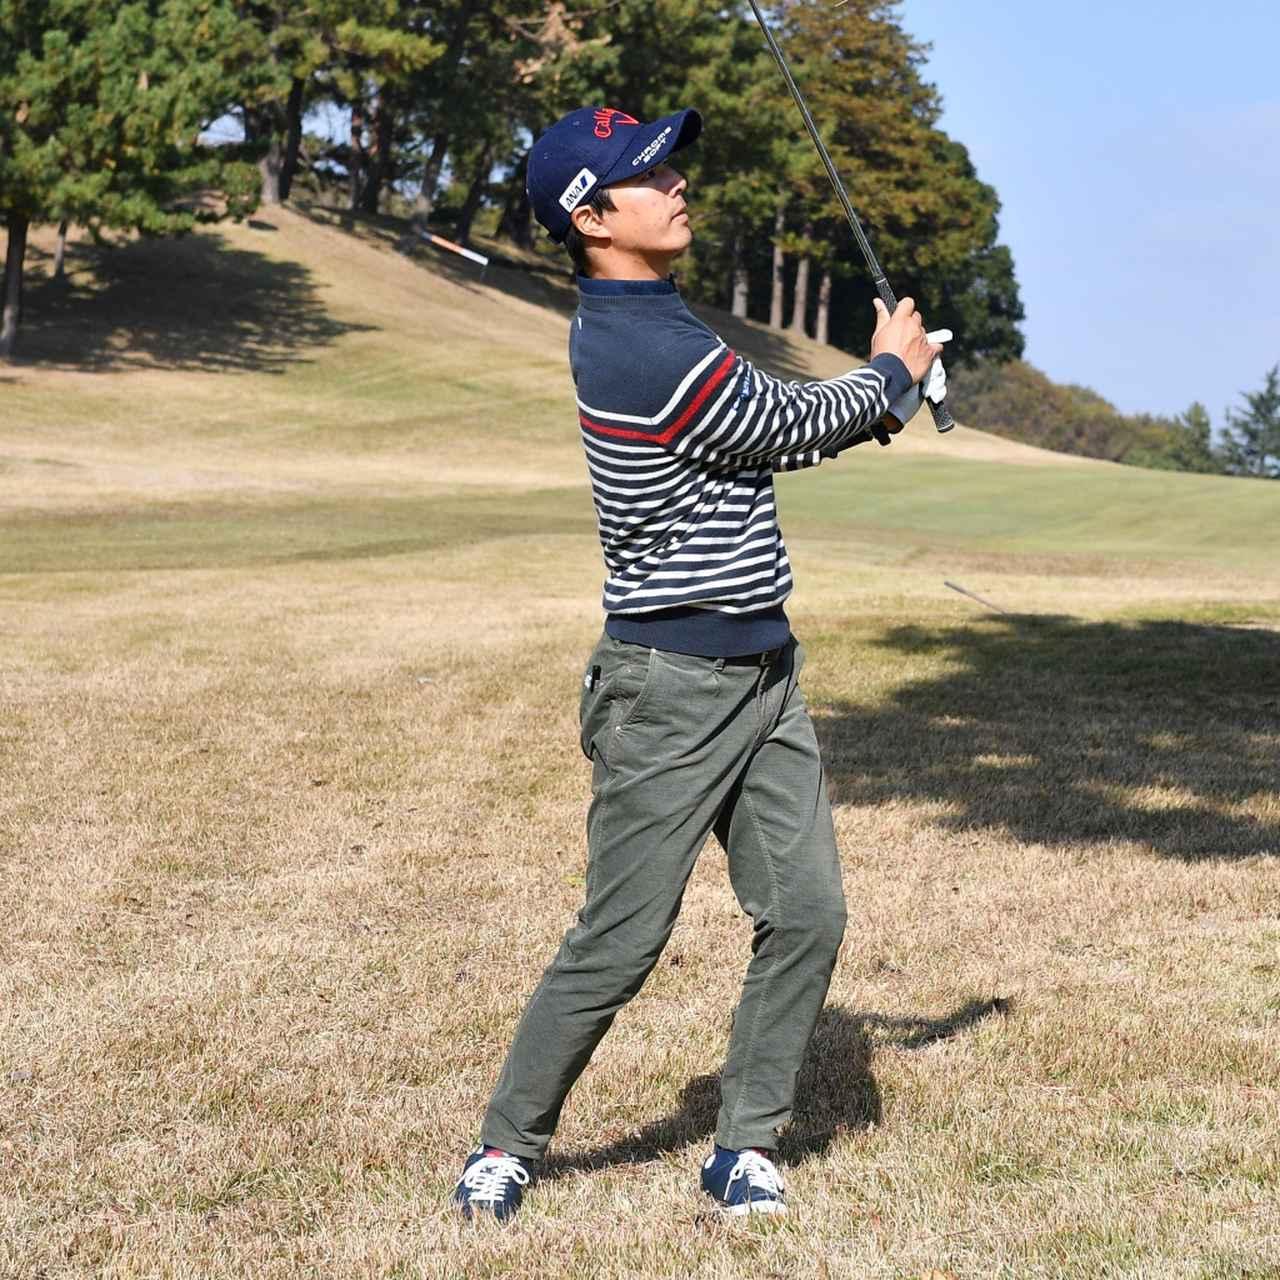 画像32: 【アプローチ】「僕はこの1本のマックダディで寄せていく」 石川遼、15のワザを持つ男